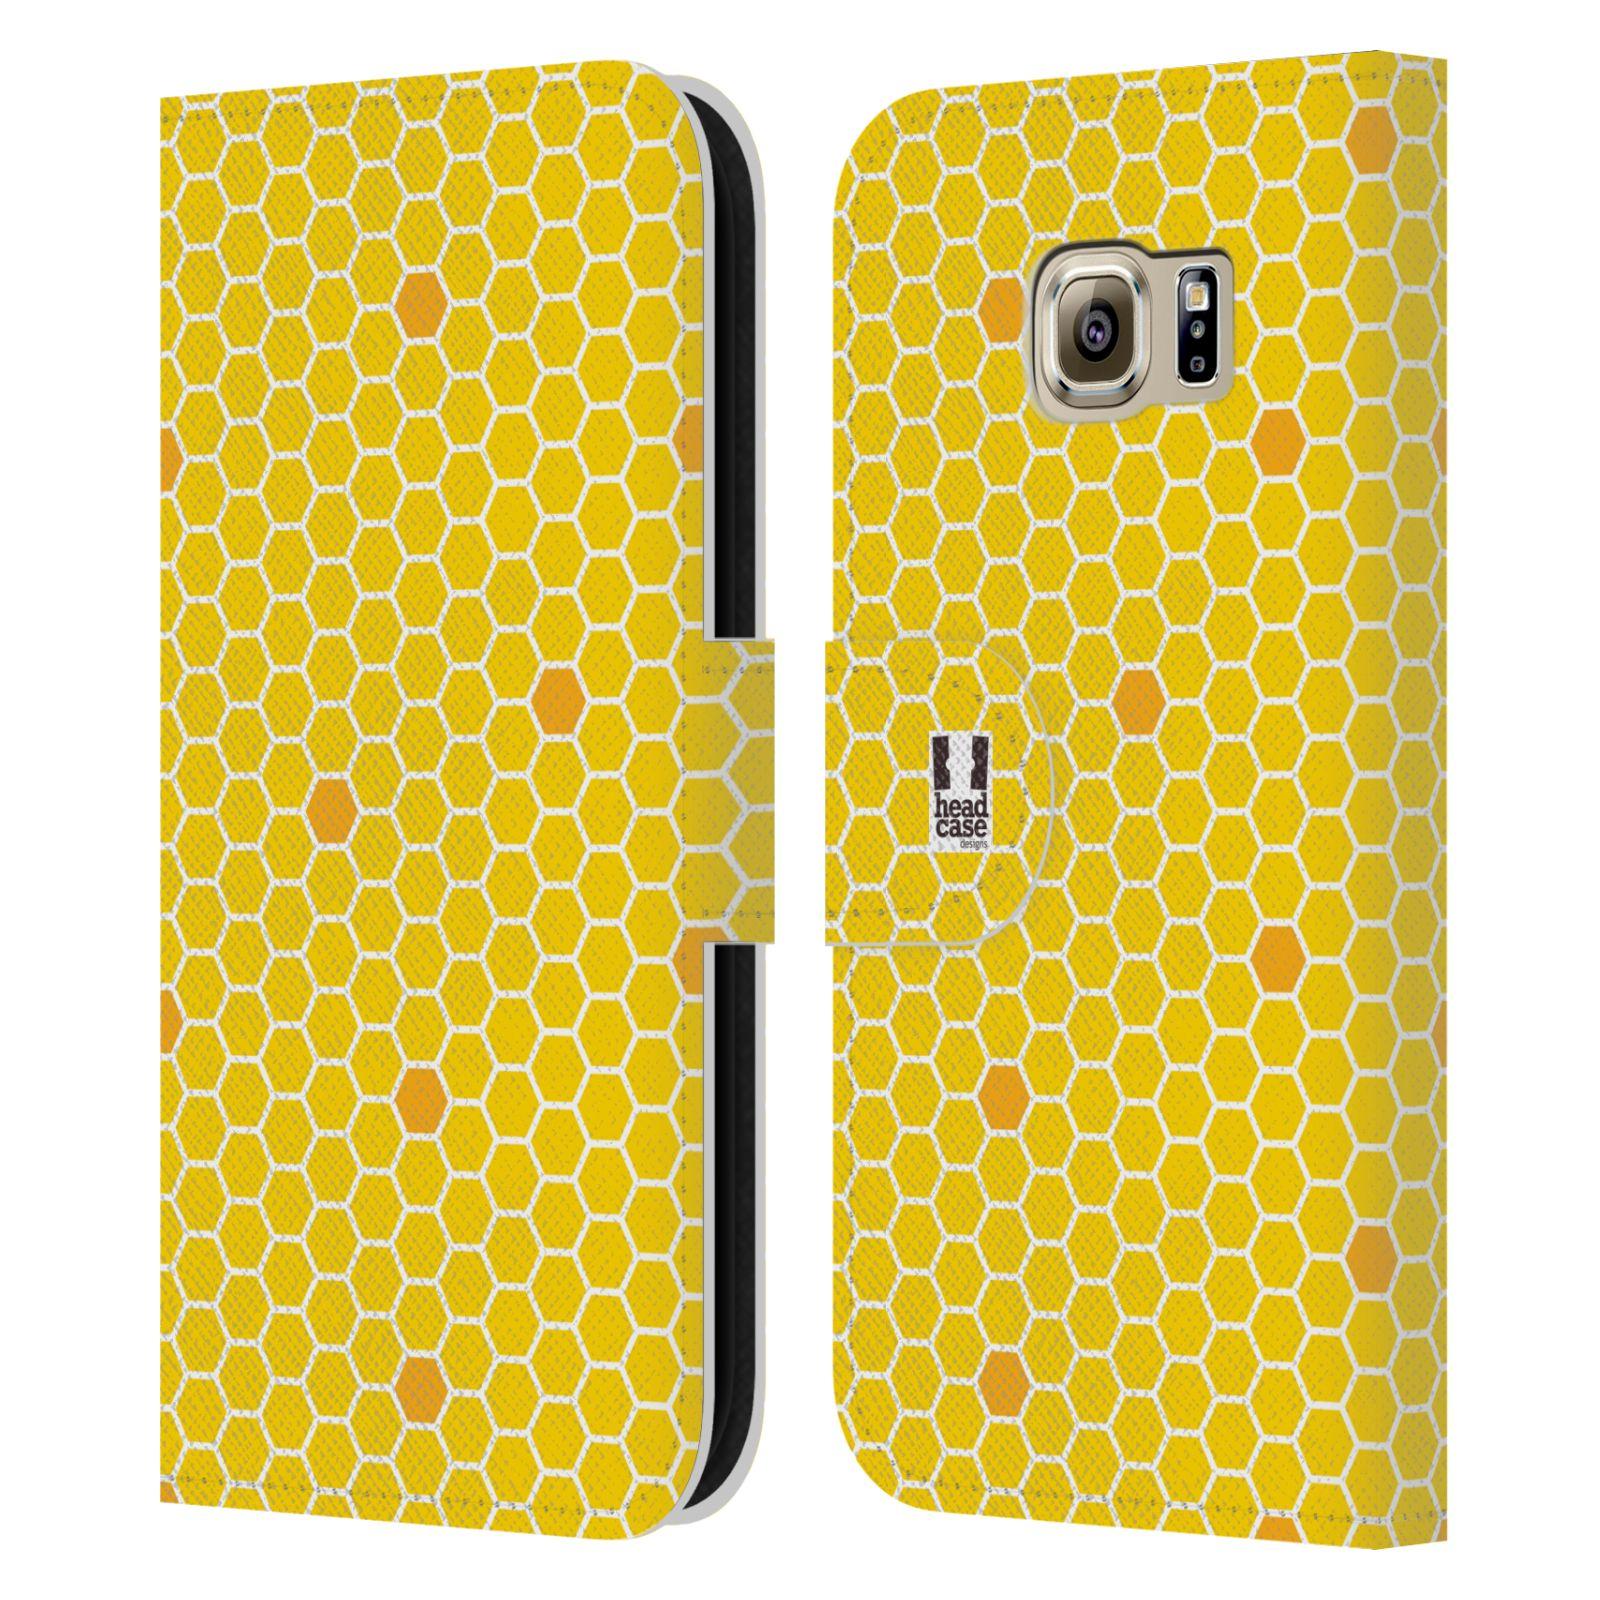 HEAD CASE Flipové pouzdro pro mobil Samsung Galaxy S6 (G9200) VČELÍ VZOR plástev žlutá